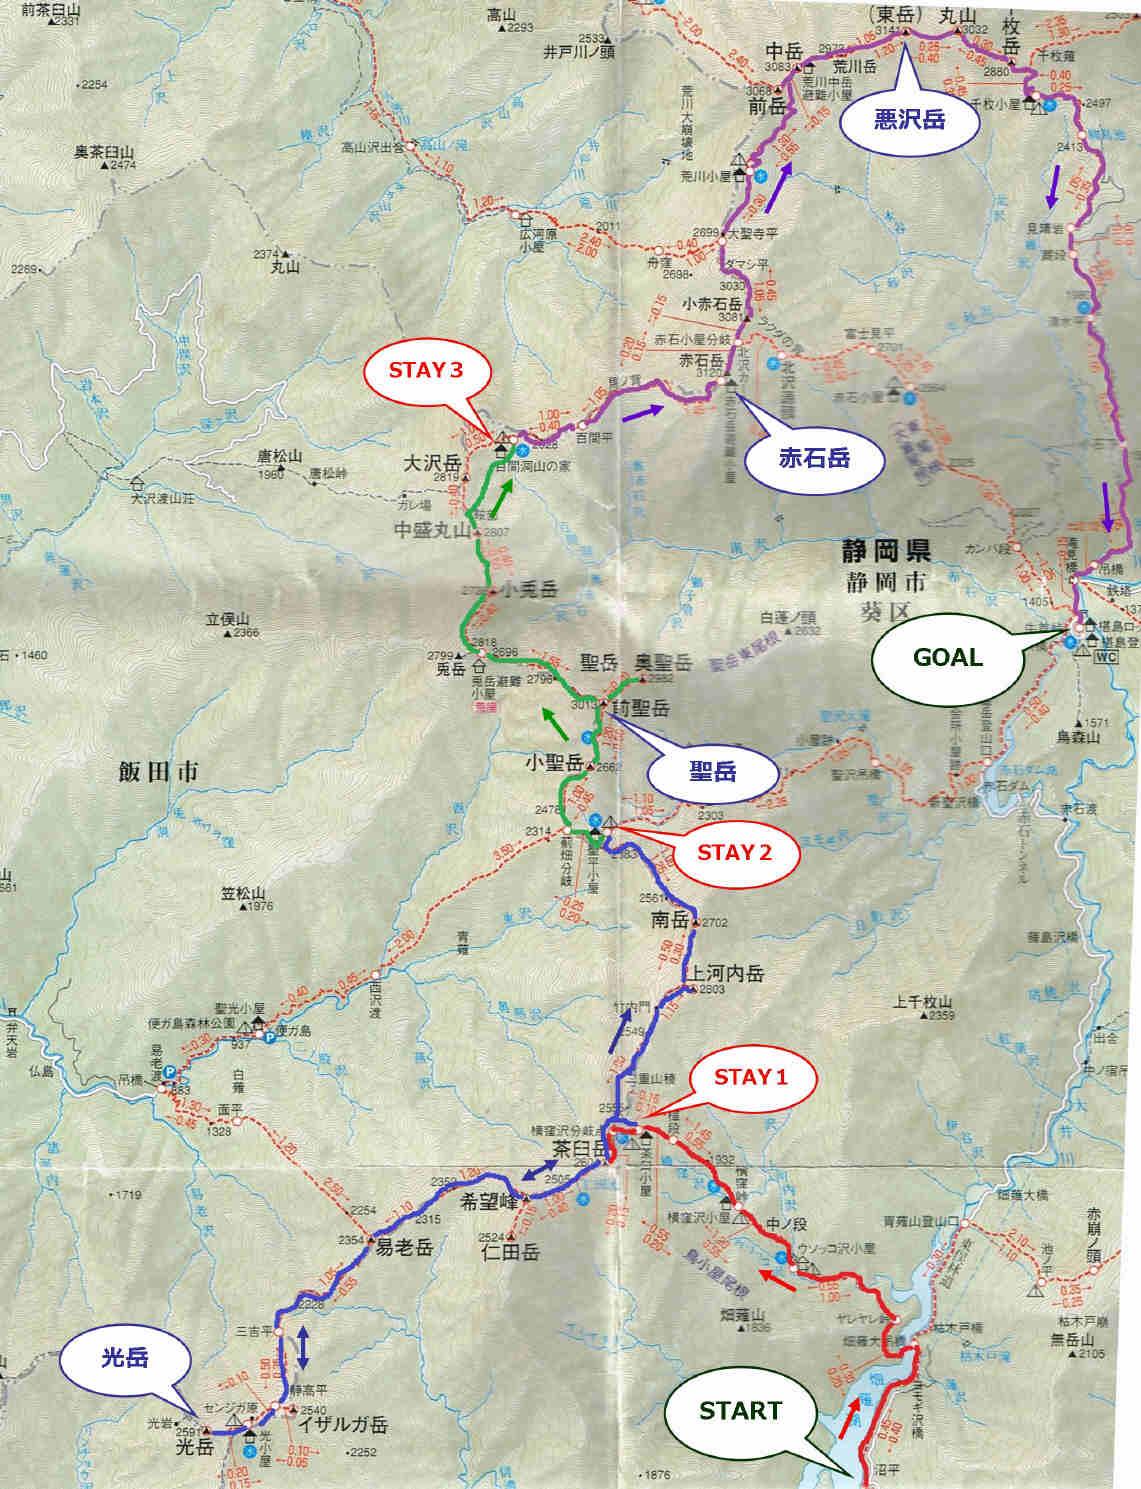 20150919_route.jpg